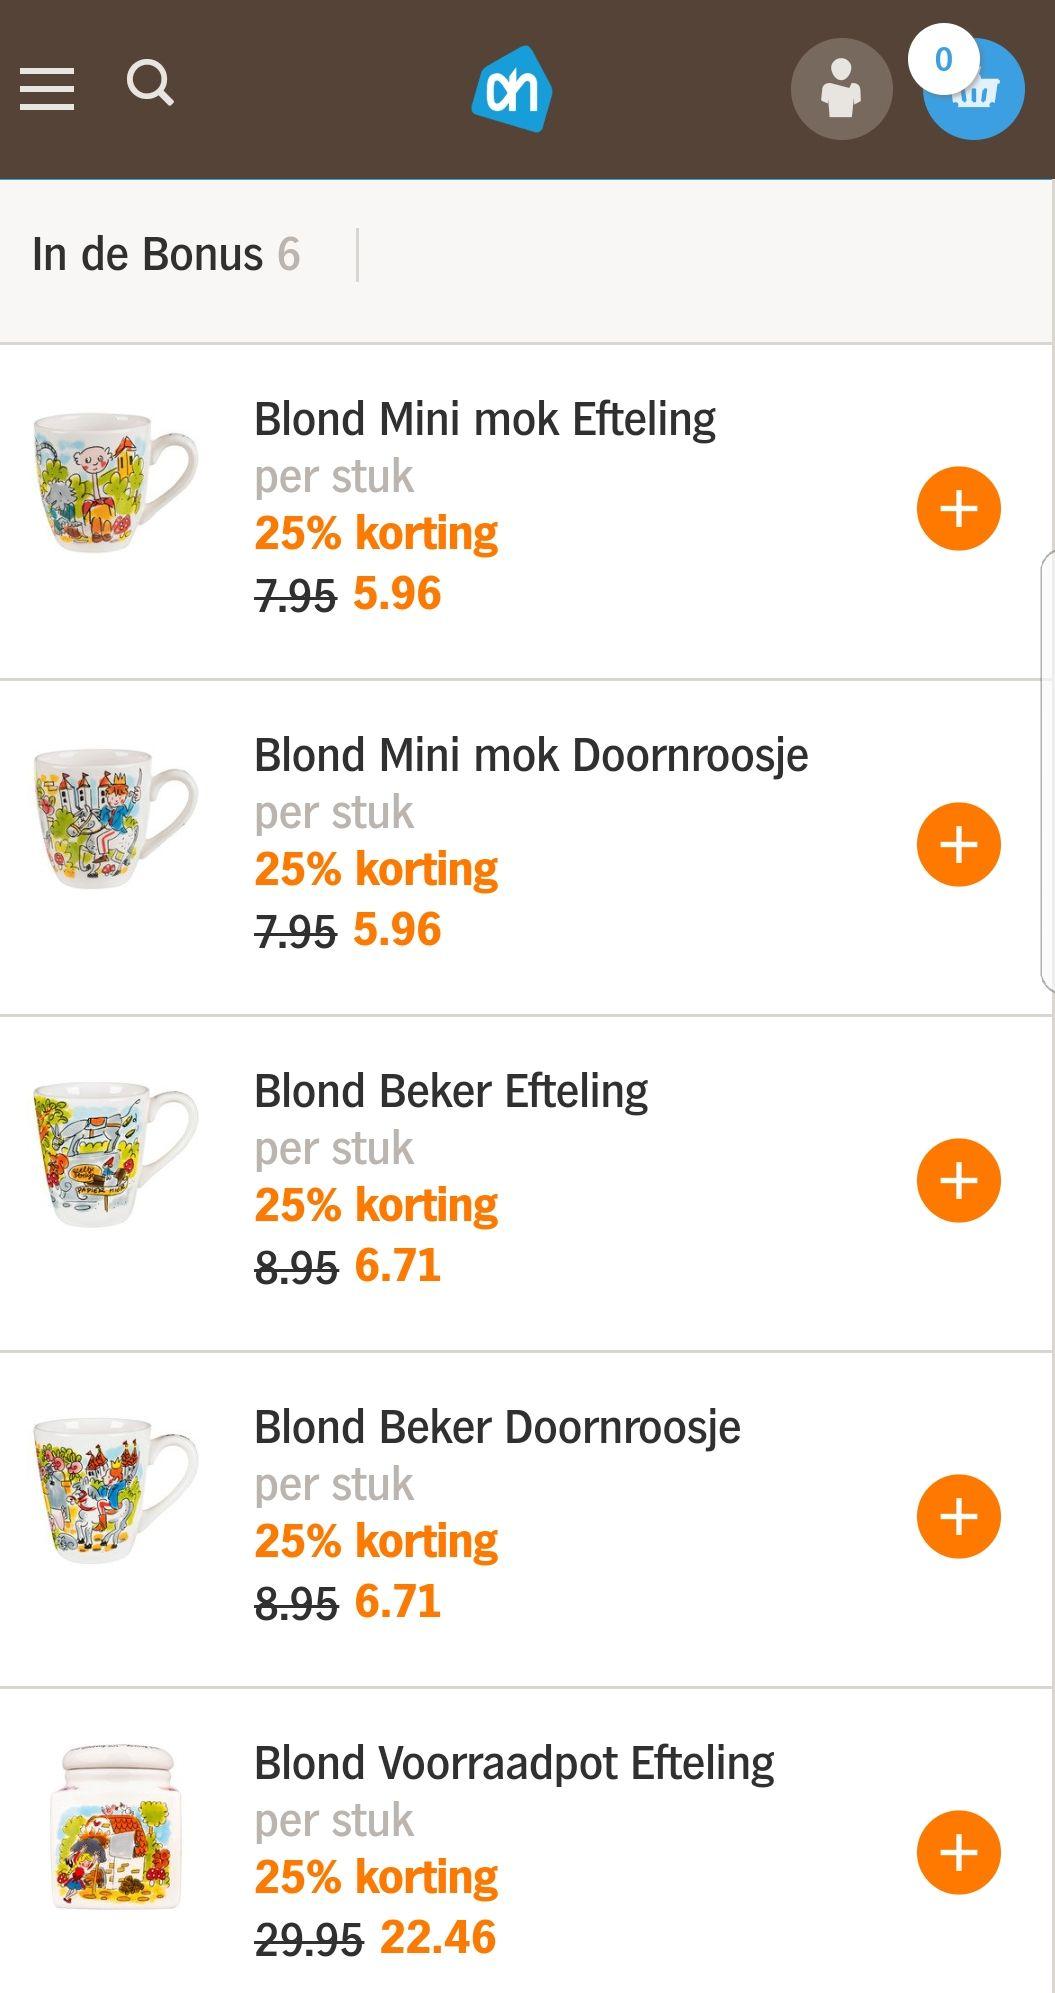 25% korting op Blond Efteling